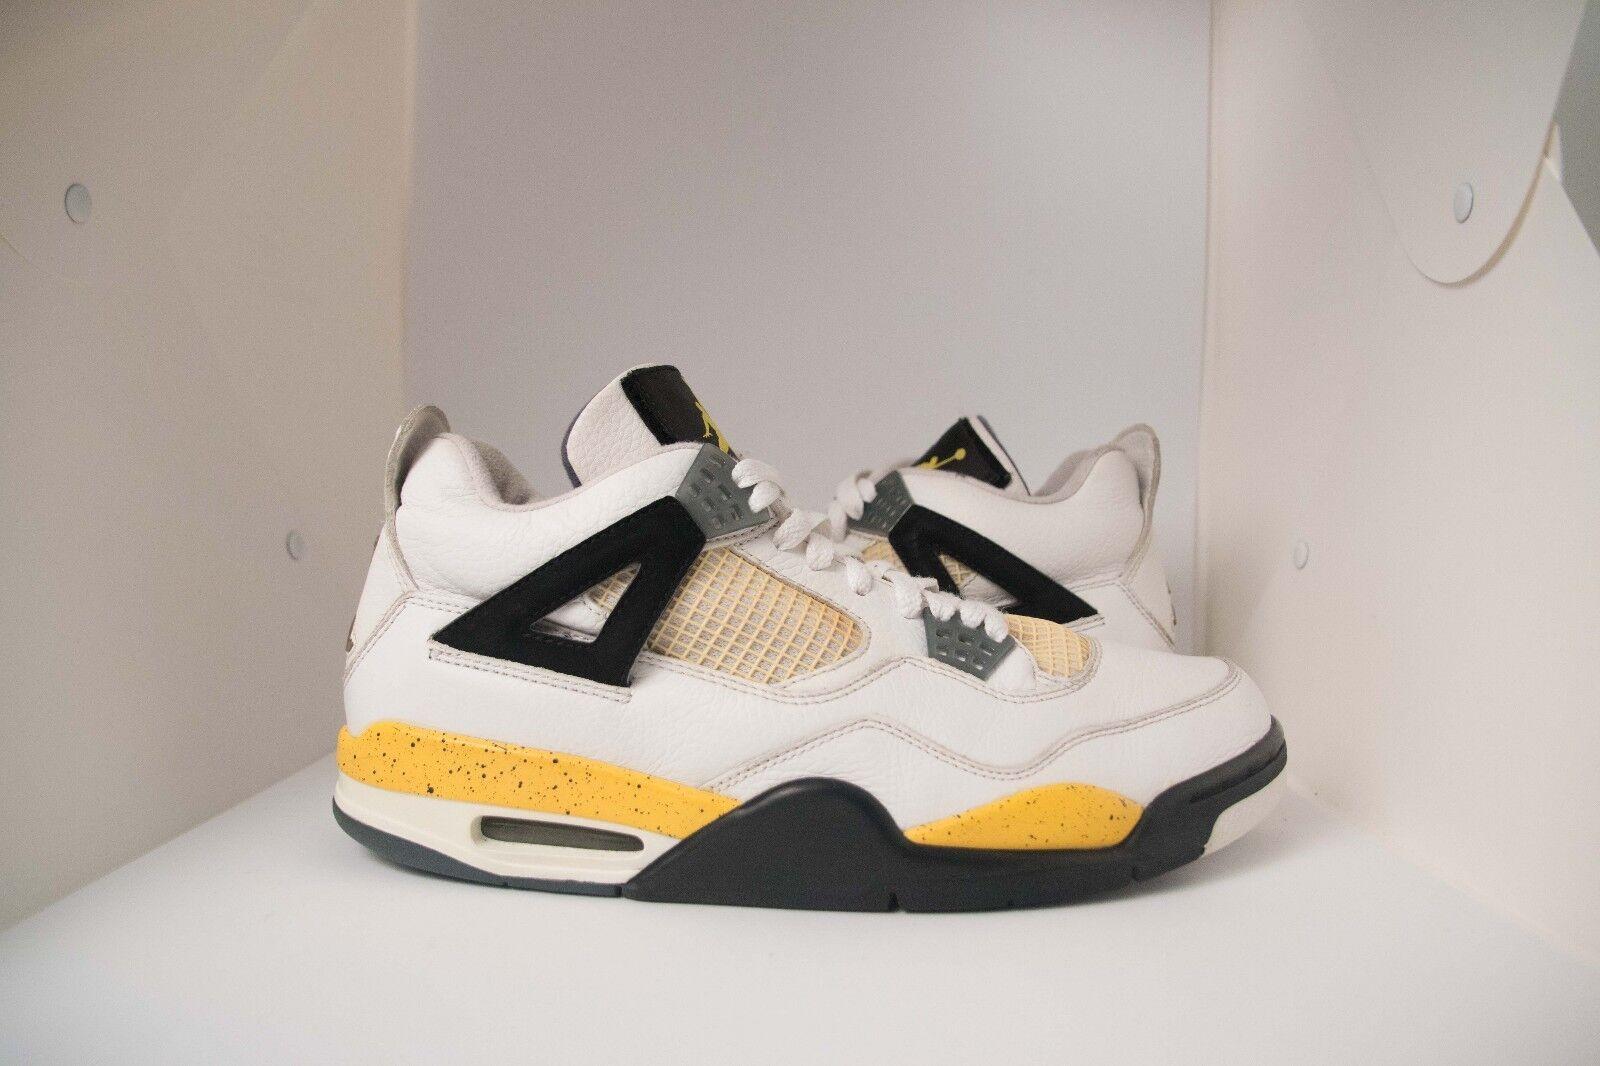 Nike Air Jordan Retro 4 IV raro LS Tour Amarillo 2018 raro IV aire 314254-171 criados cemento marca de descuento 3034c7